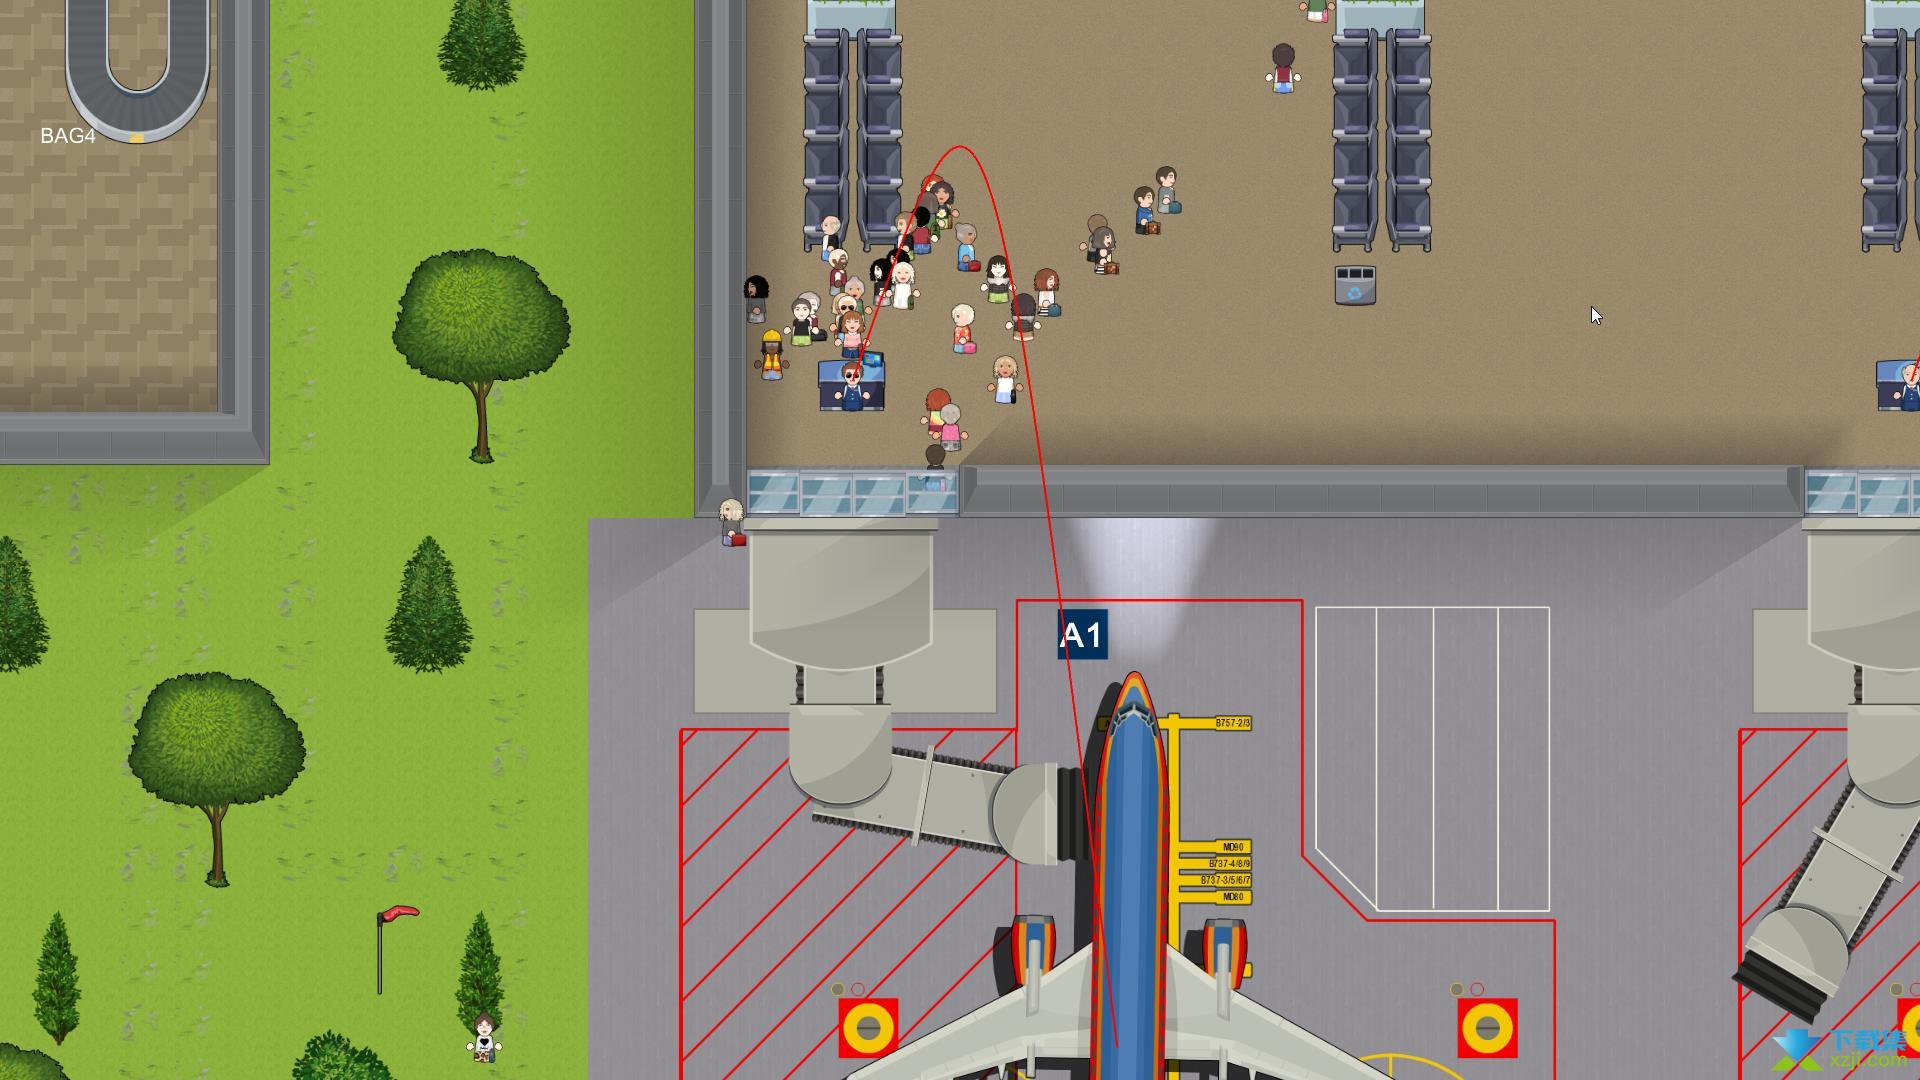 模拟机场界面